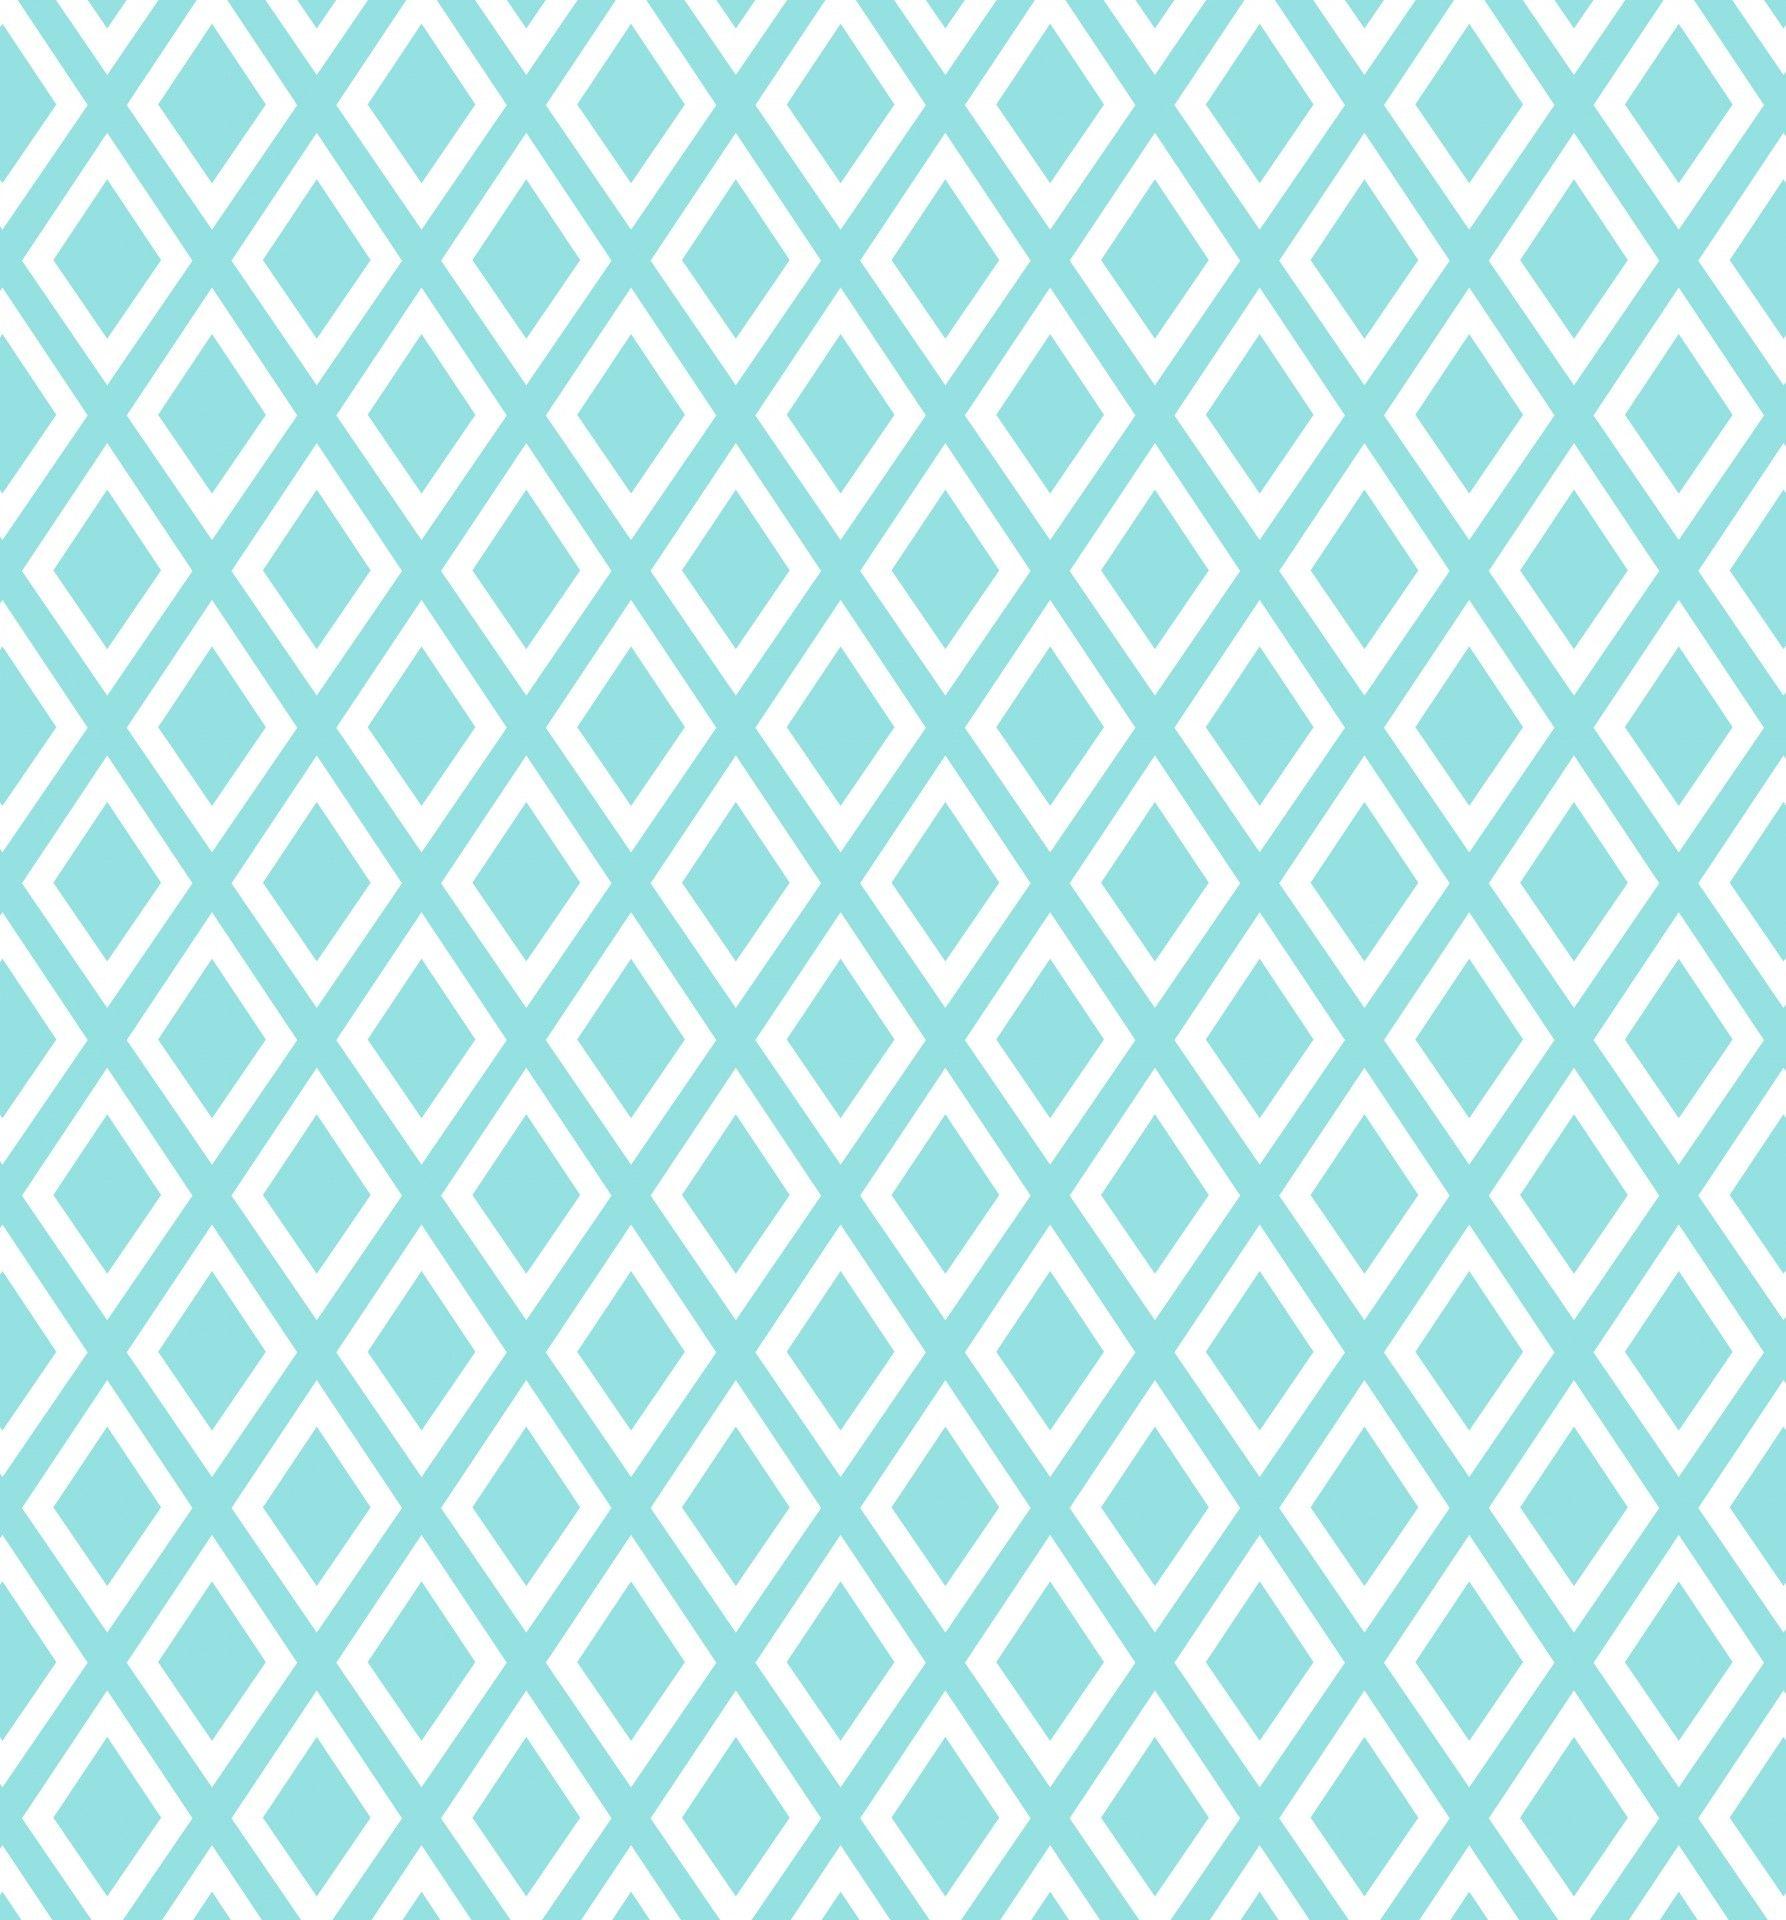 Diamonds Blue White Background Free Stock Photo Blue White